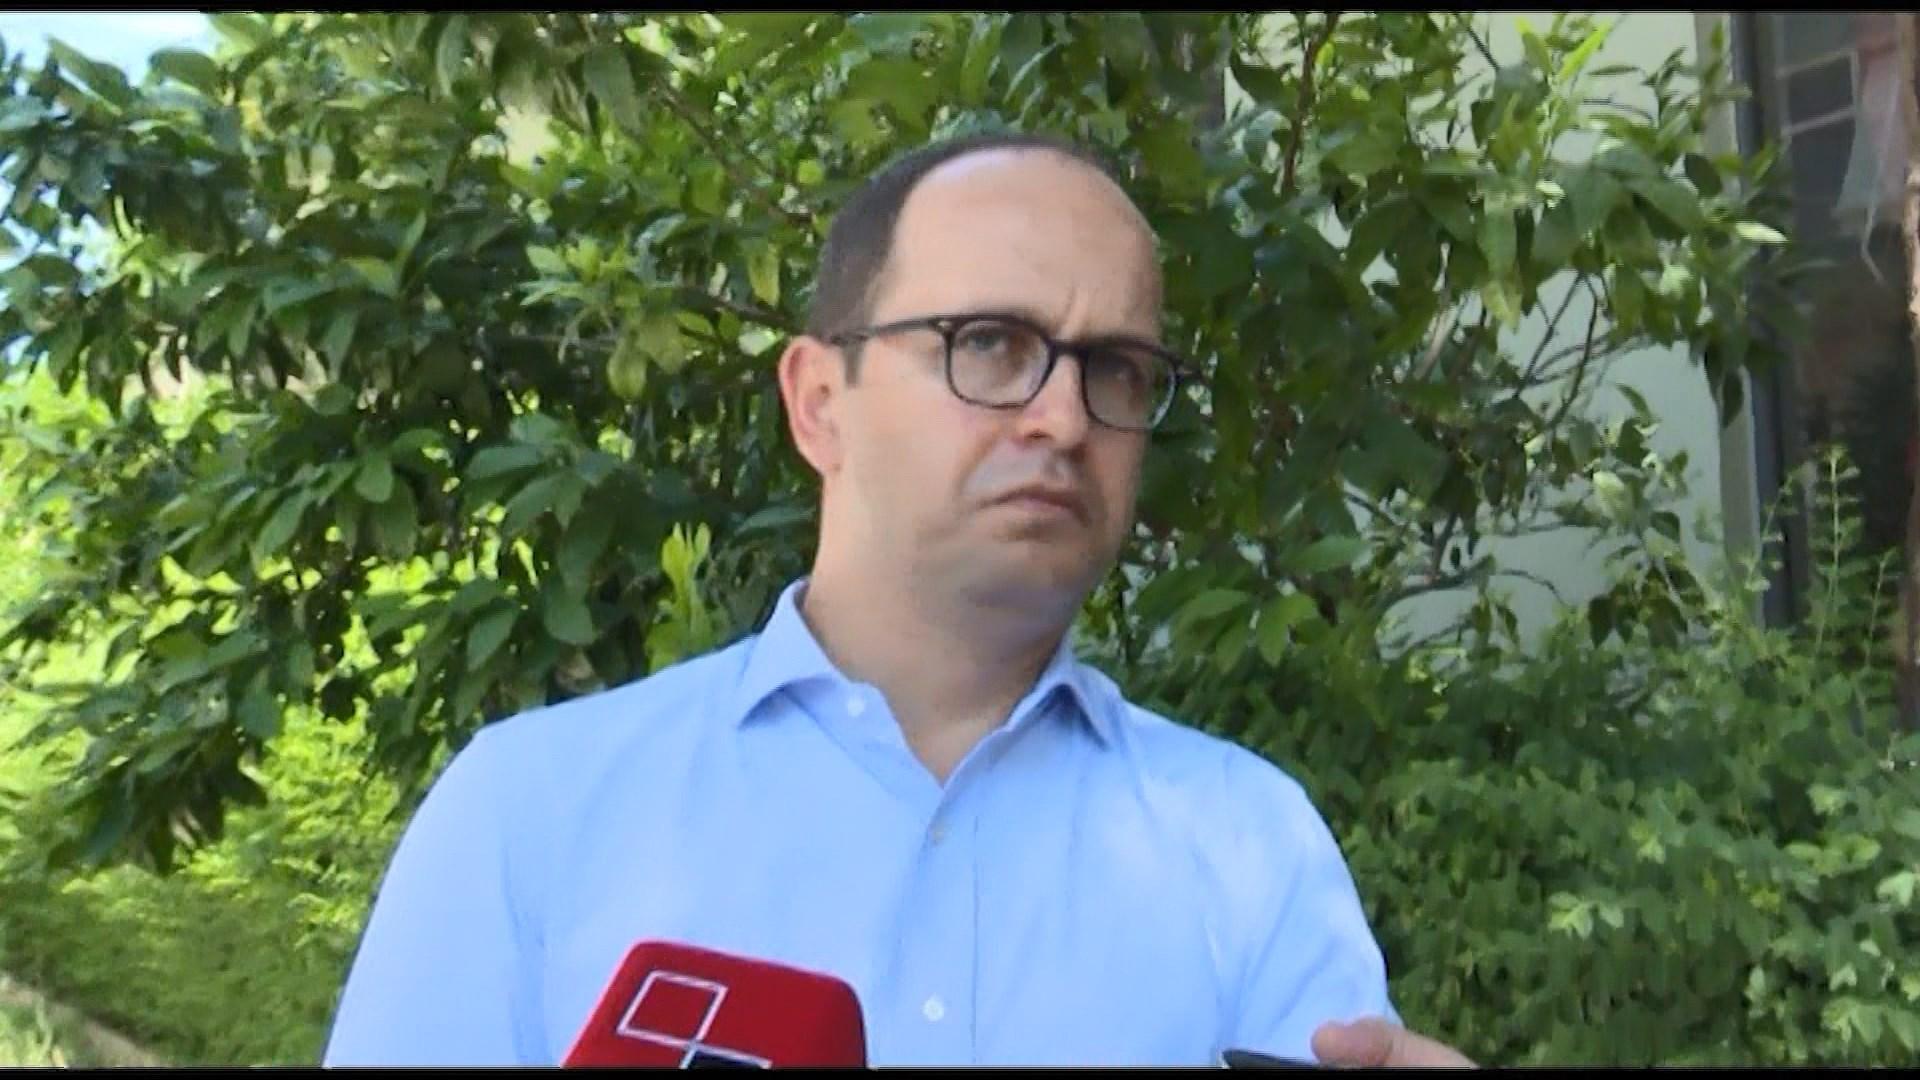 Bushati për marrëveshjen me Greqinë: Do të takoj së shpejti Kotzias